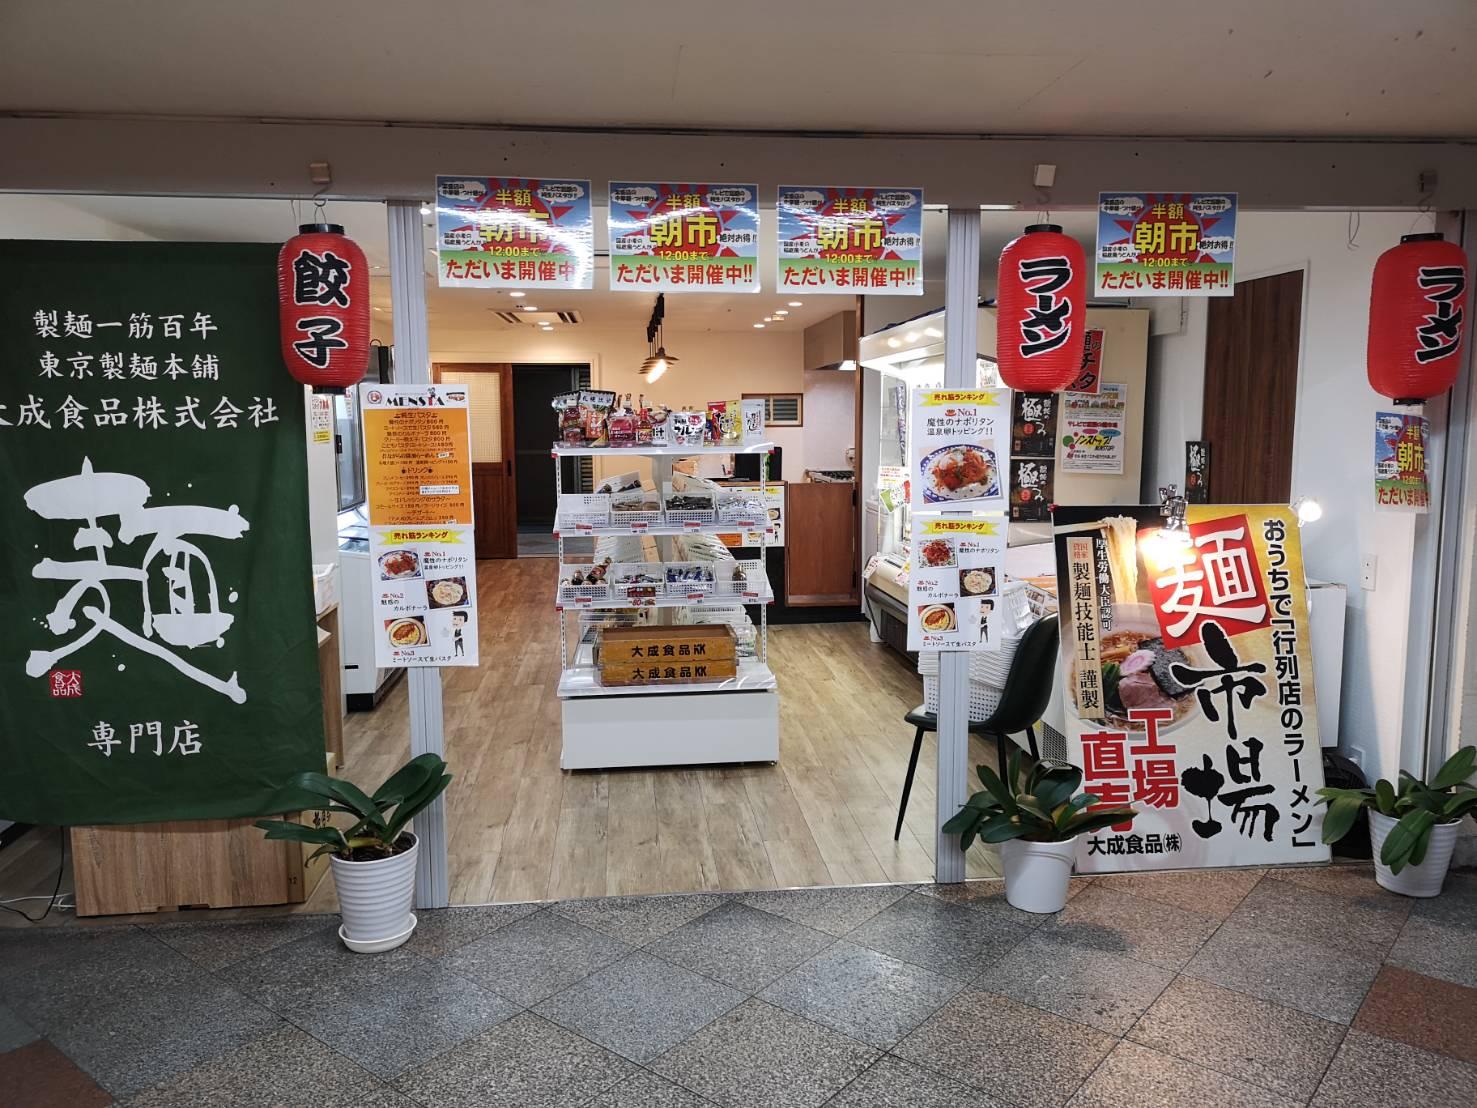 麺テイスティング・カフェショップ MENSTA朝市開催中2